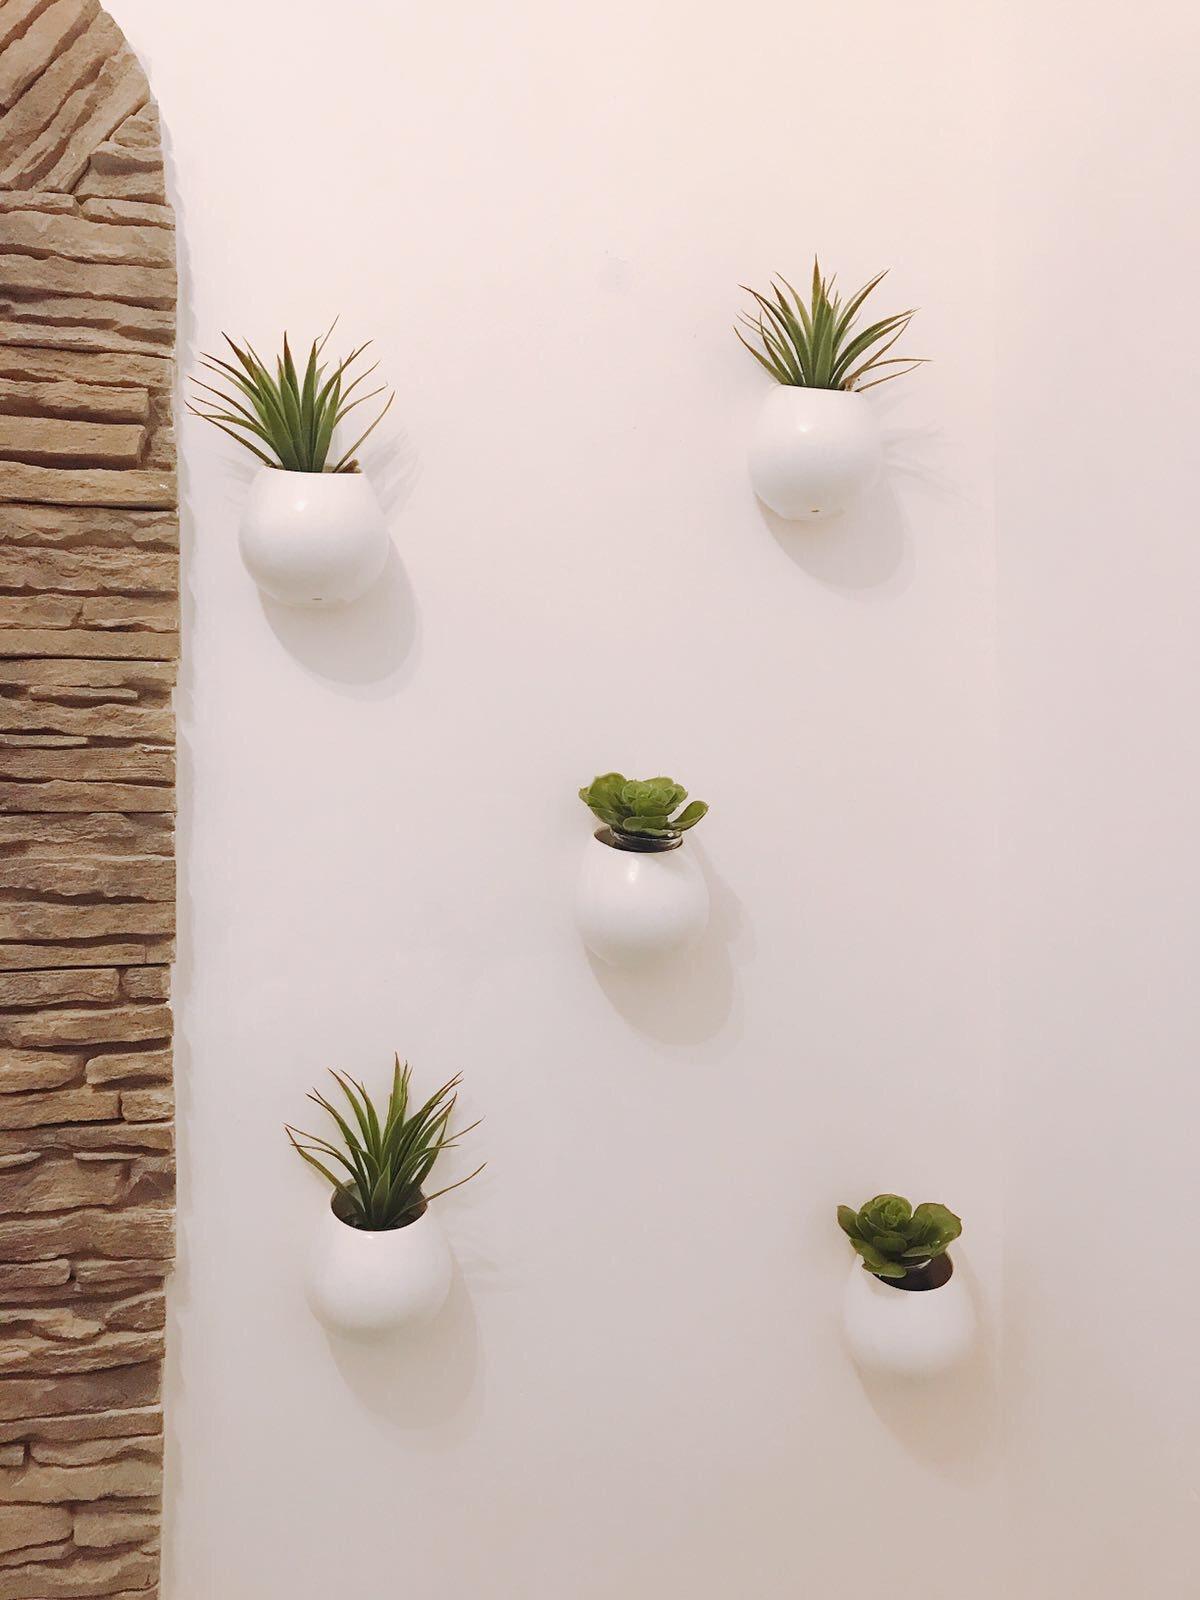 Vasi da appendere con piante in casa idee per arredare - Vasi piante design ...